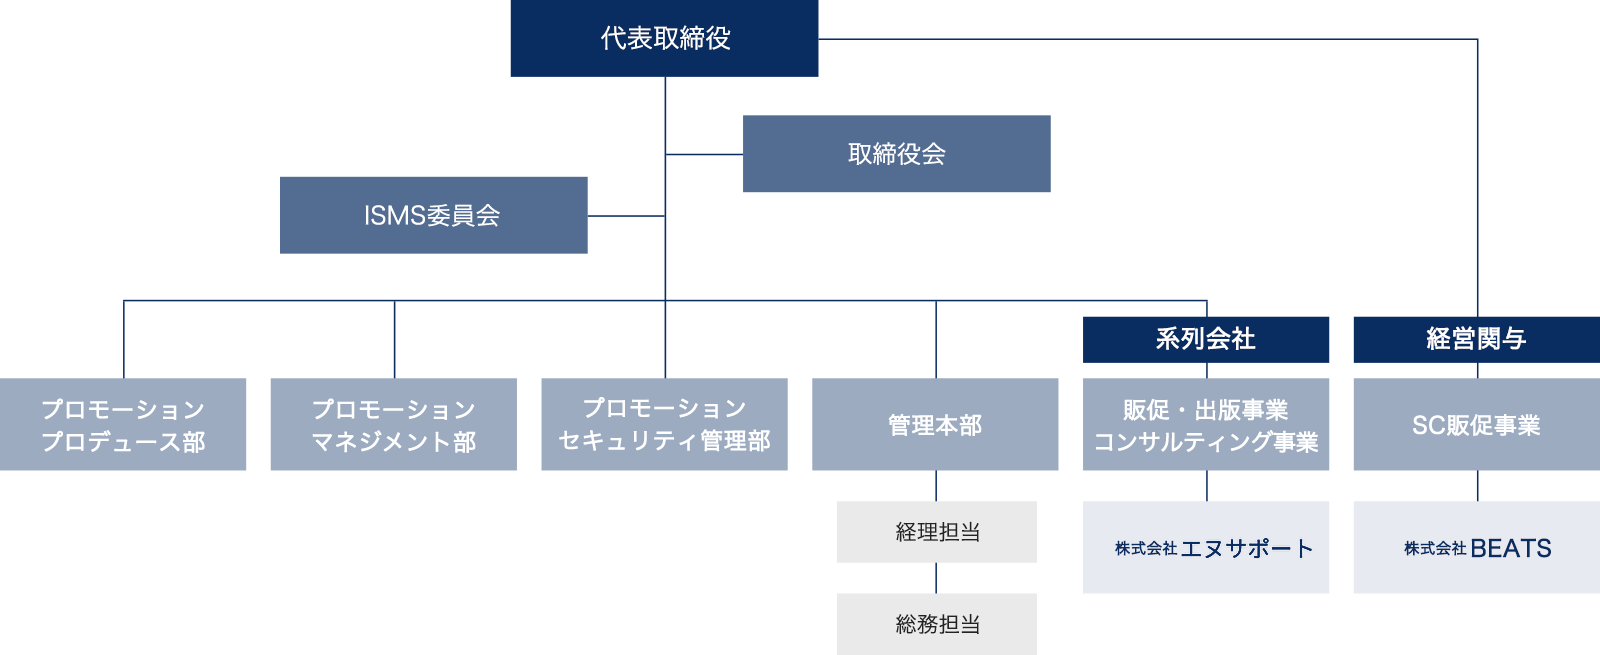 株式会社リクエストプロの組織図